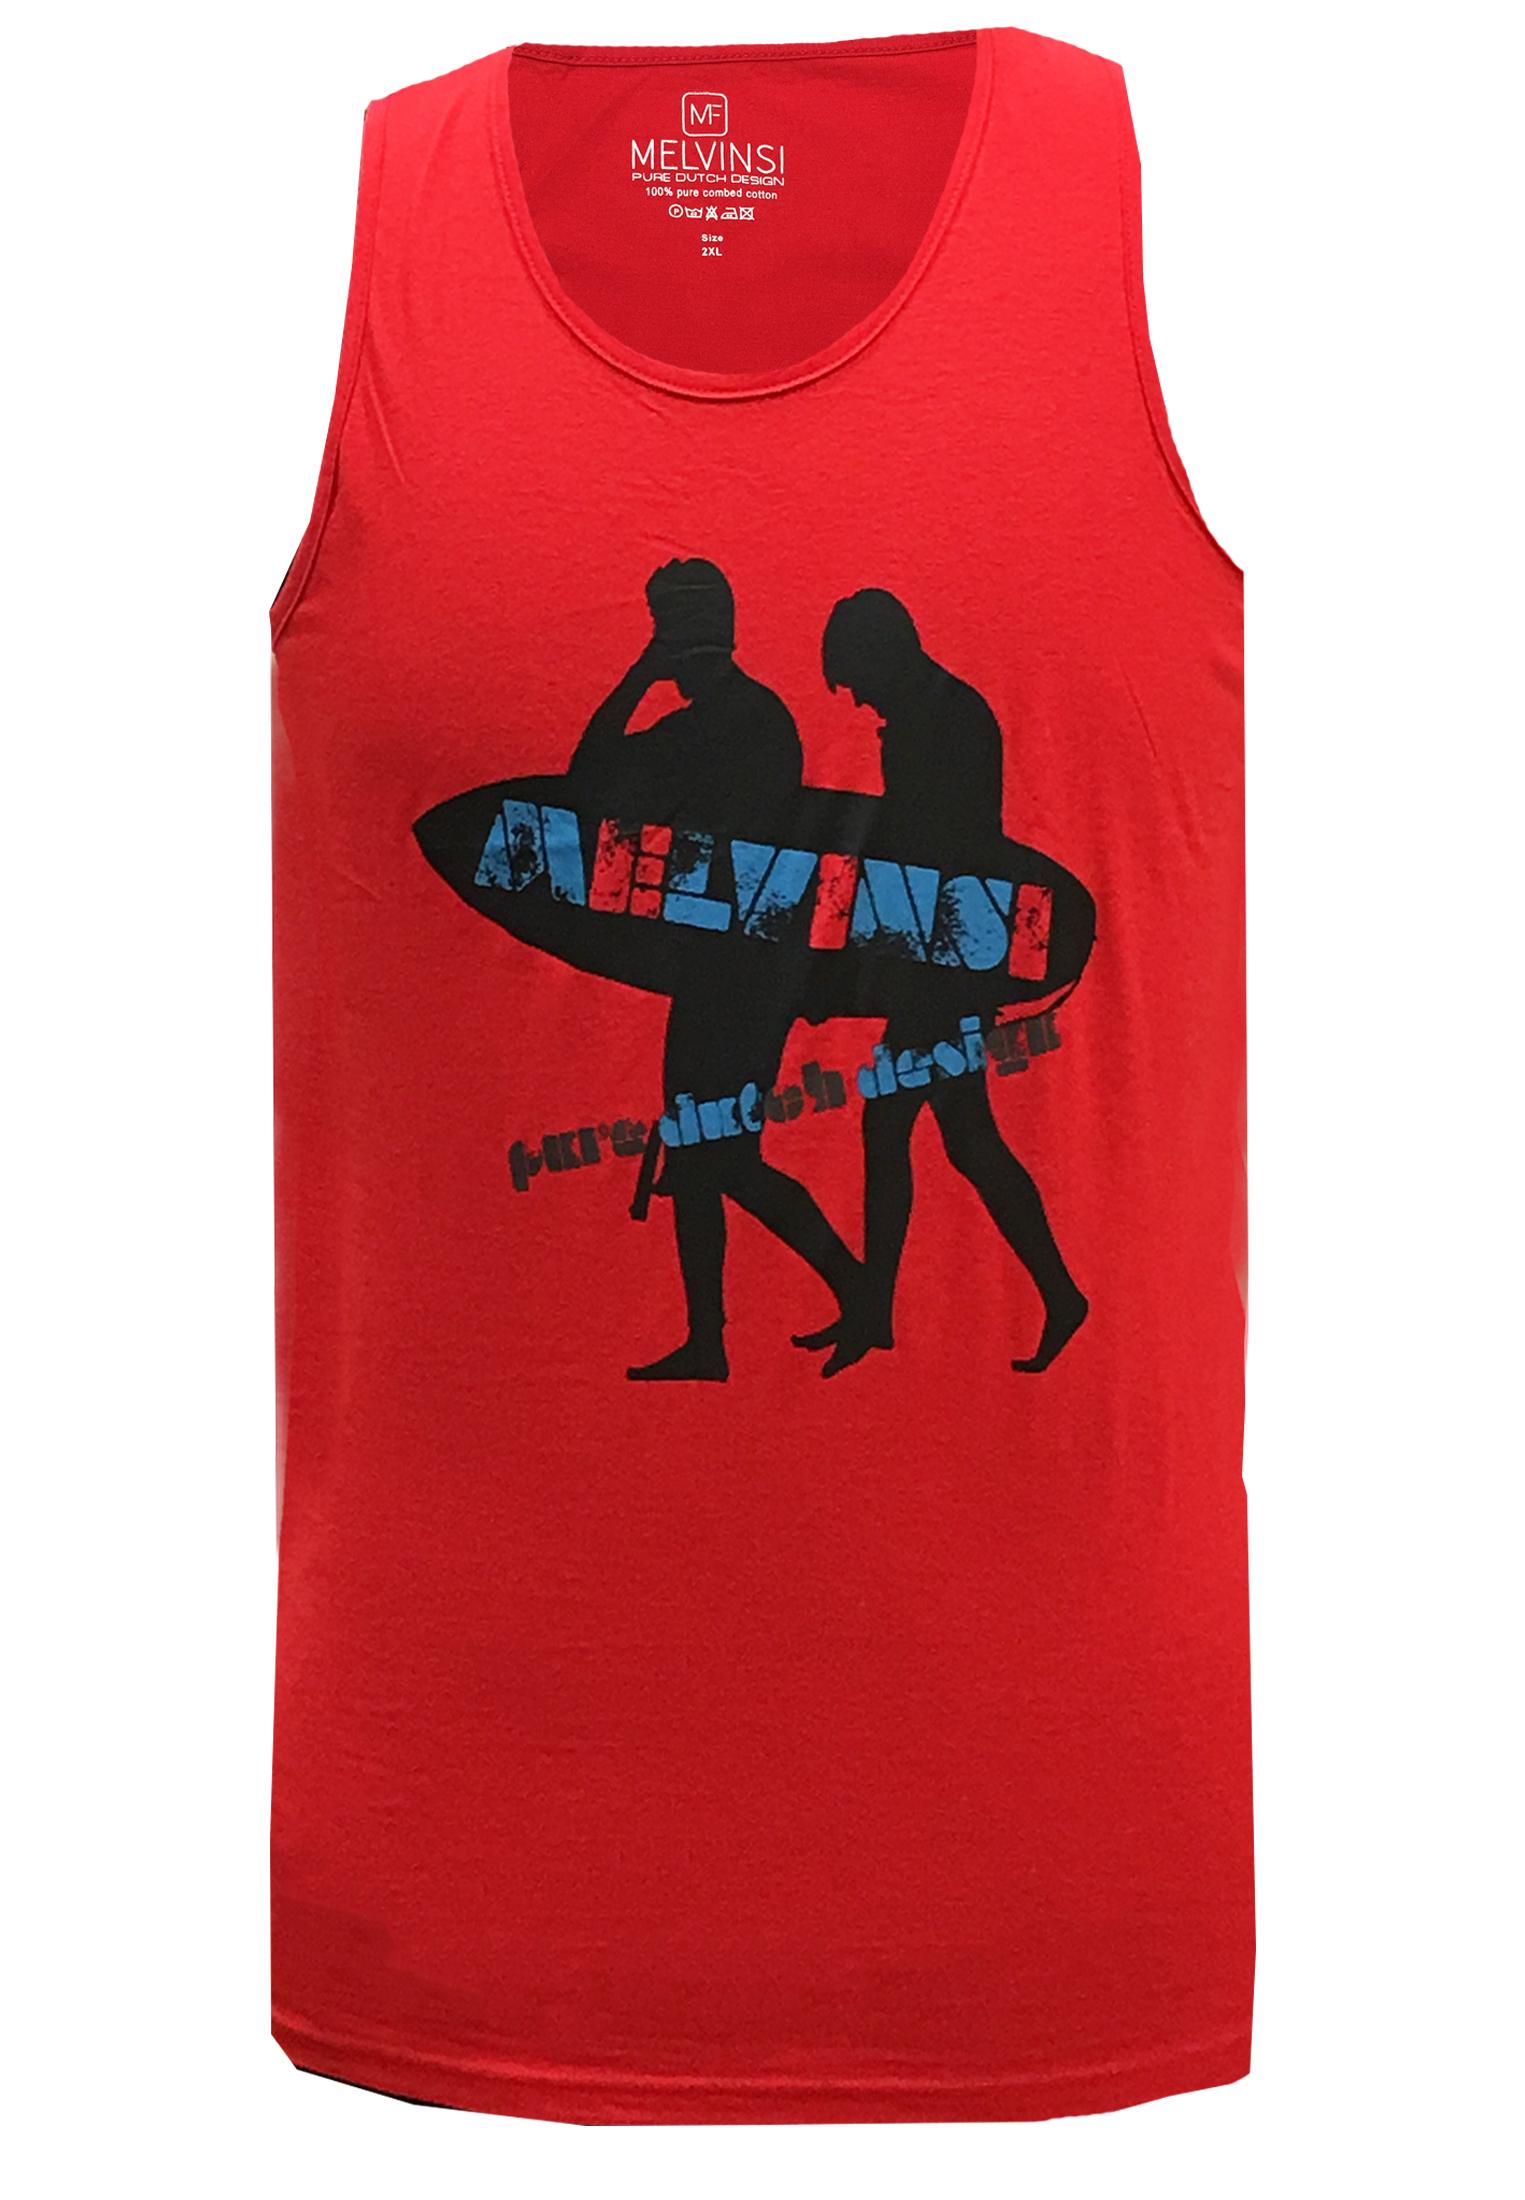 Rode tanktop van Melvinsi met leuke print en ronde hals. Zeer multifunctionele tanktop om te dragen, staat leuk op een spijkerbroek of op een joggingbroek als loungewear. Ideaal op de warme dagen of als het iets minder warm is onder een vest.